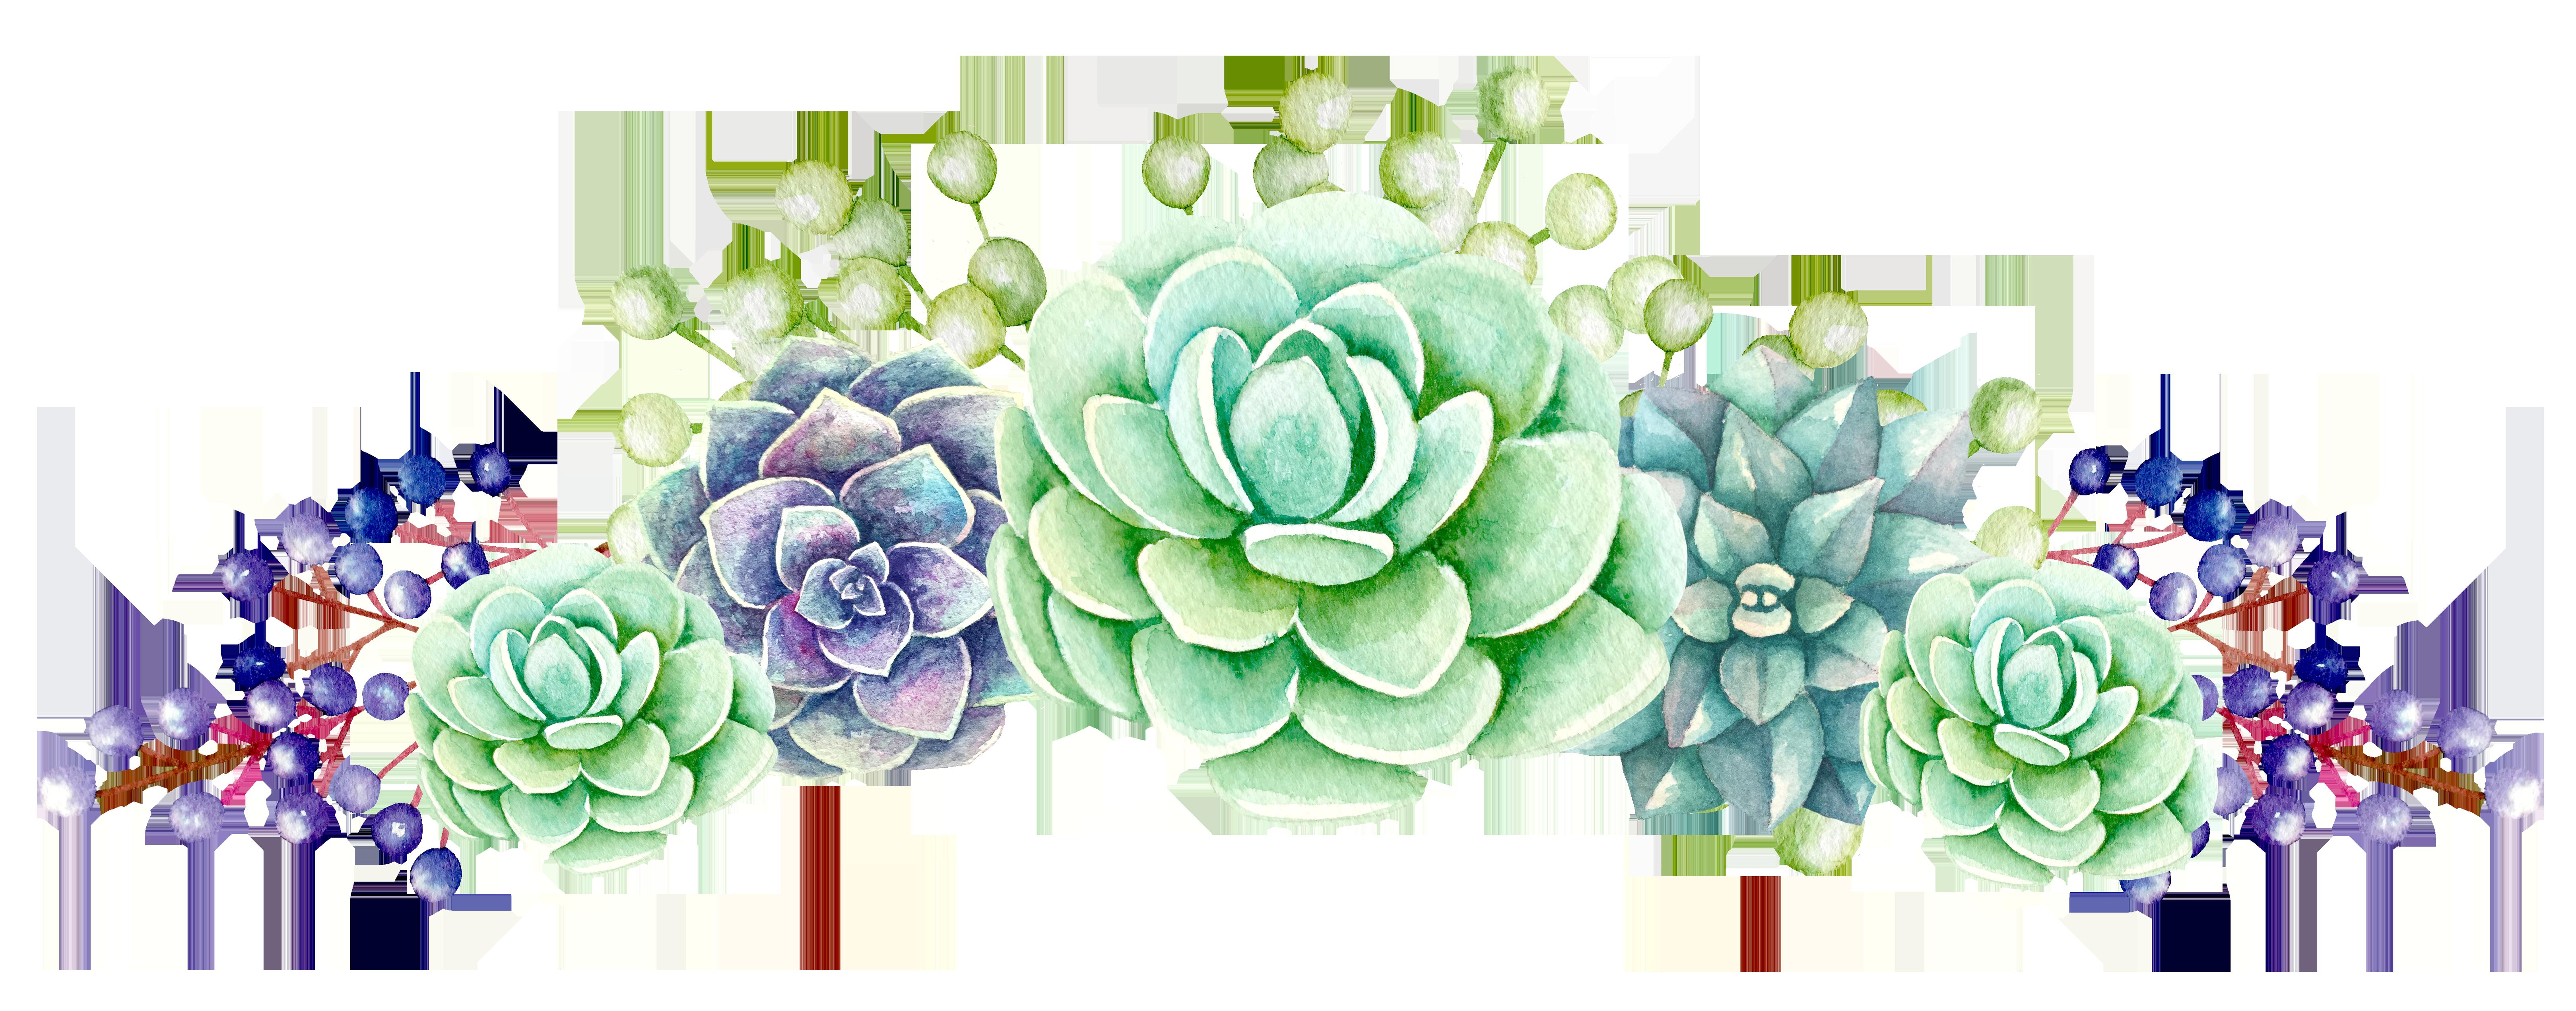 png transparent Succulent clipart. Flower tea production in